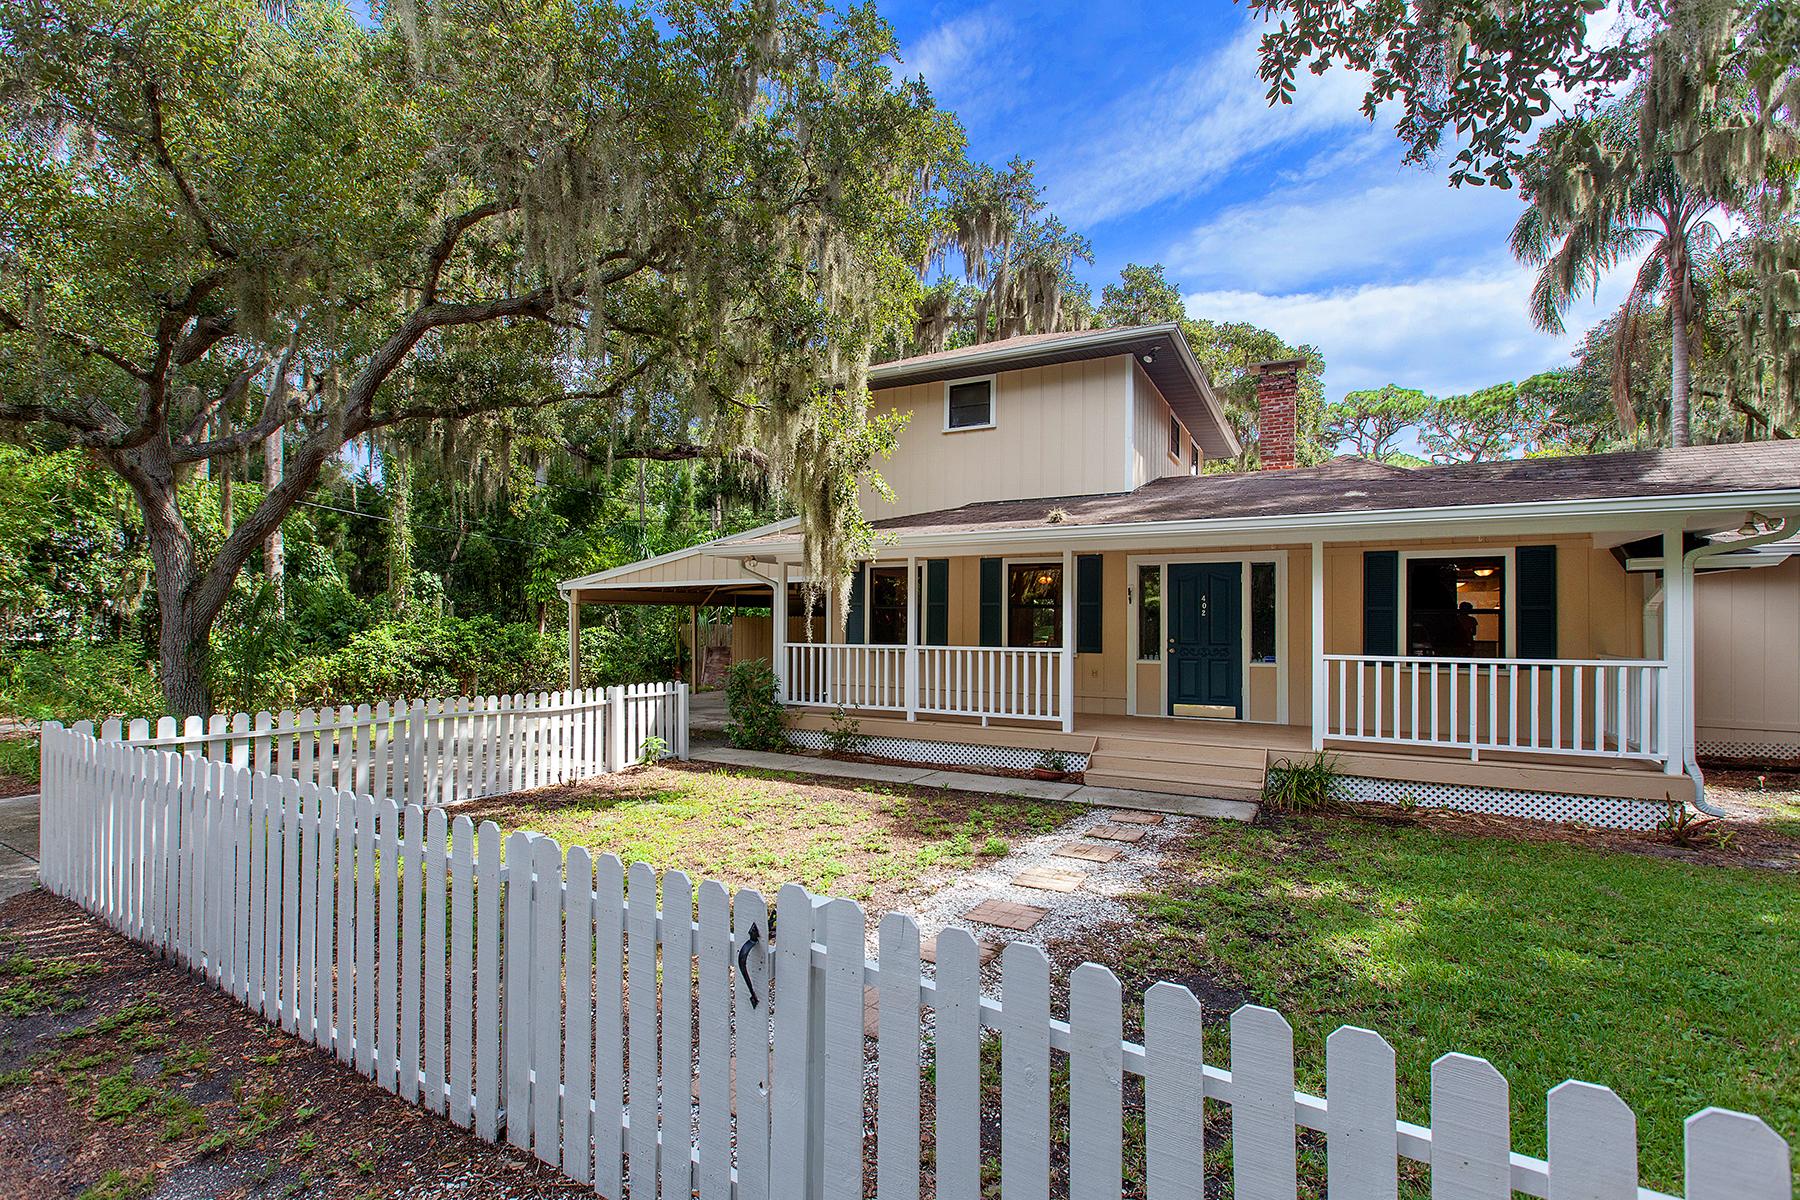 Single Family Home for Sale at NW BRADENTON 402 31st St NW Bradenton, Florida 34205 United States